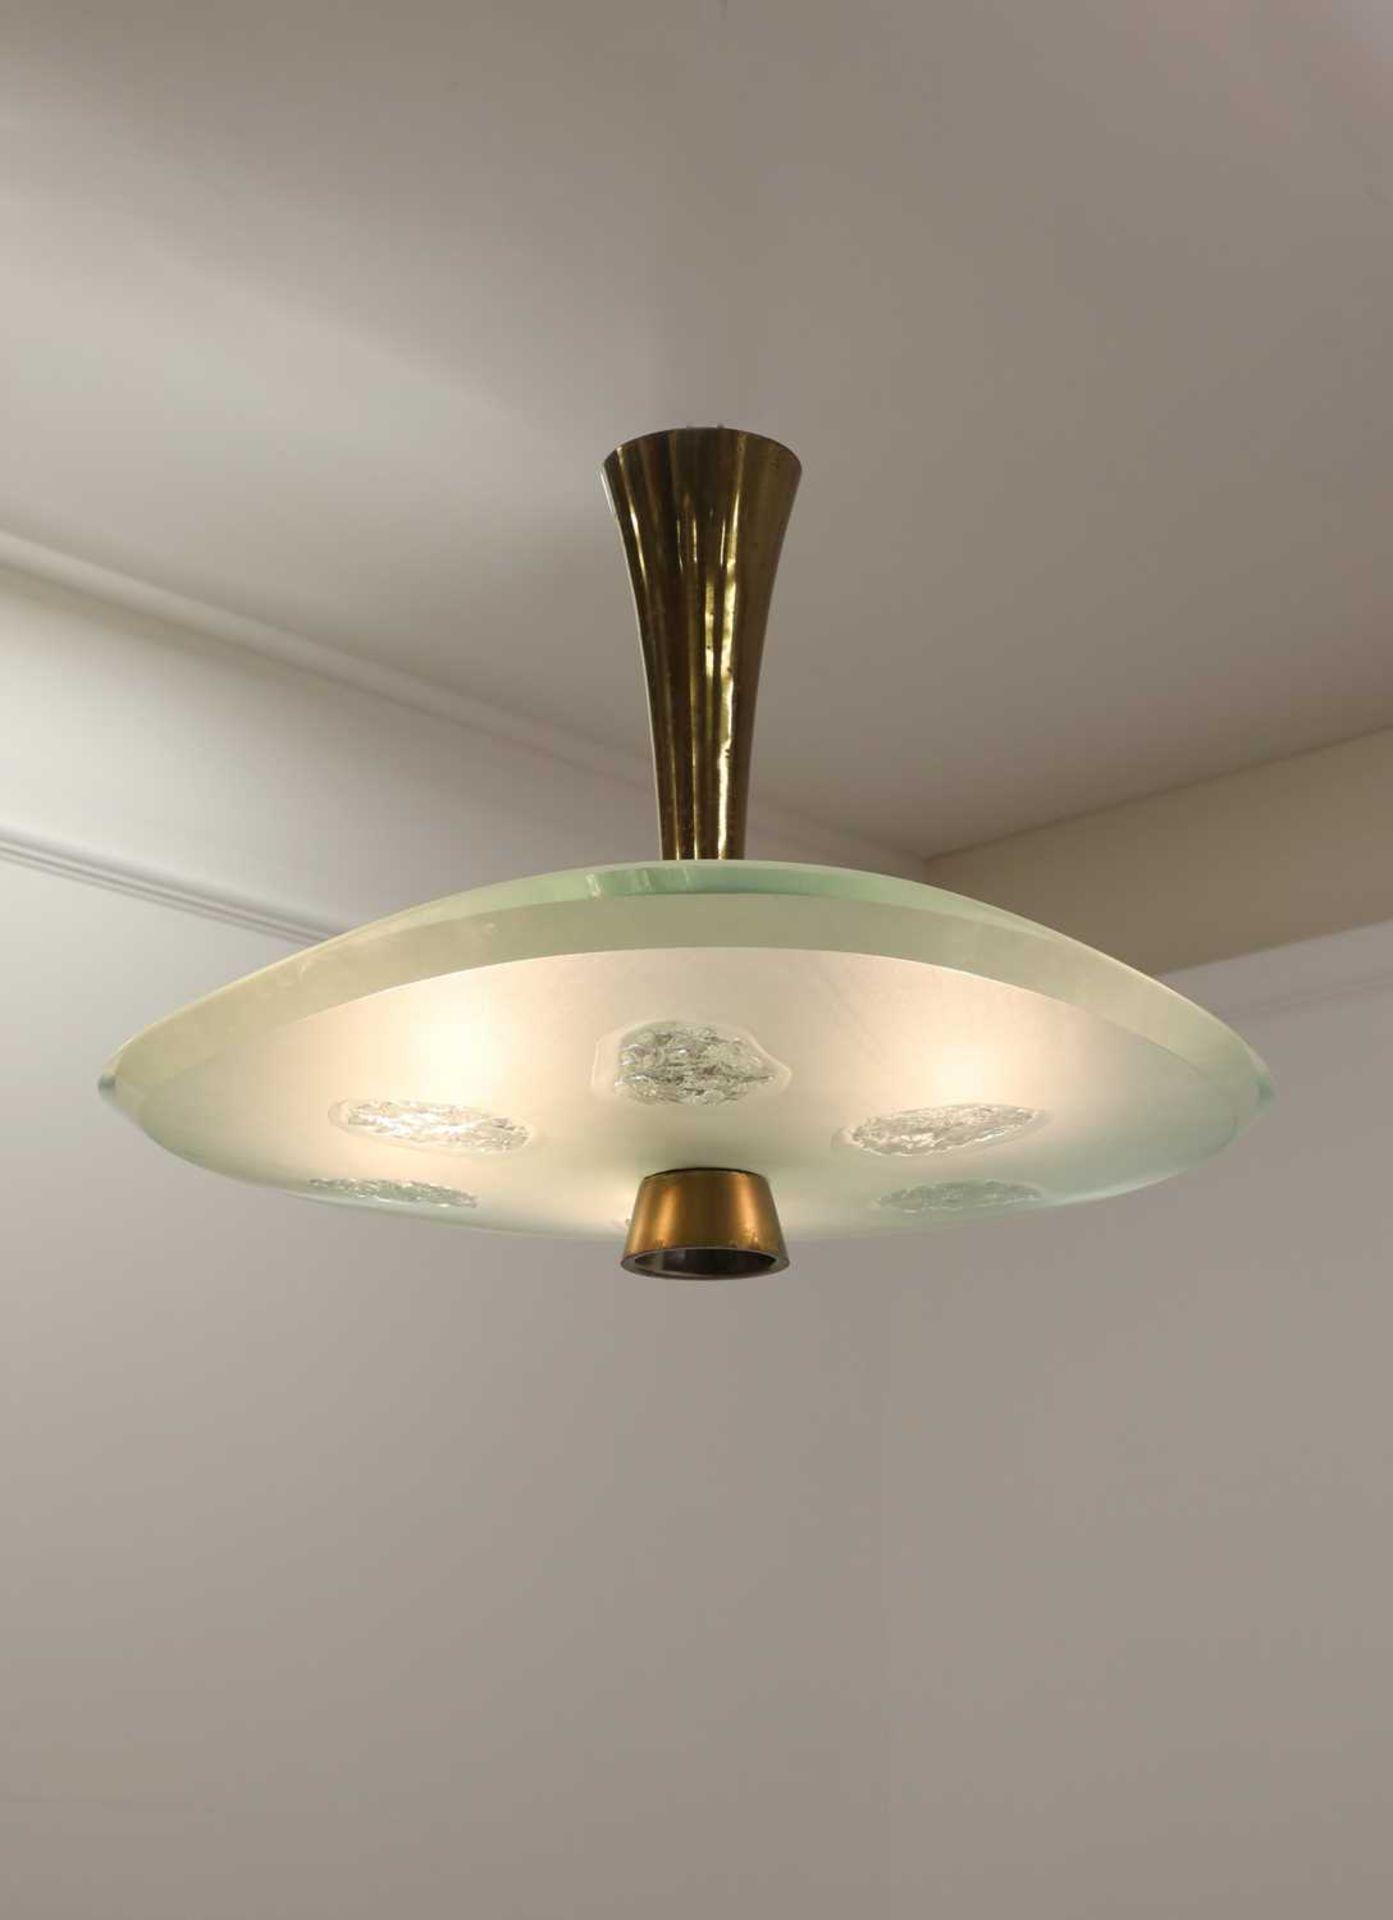 A Fontana Arte 'Model 1748' ceiling light,